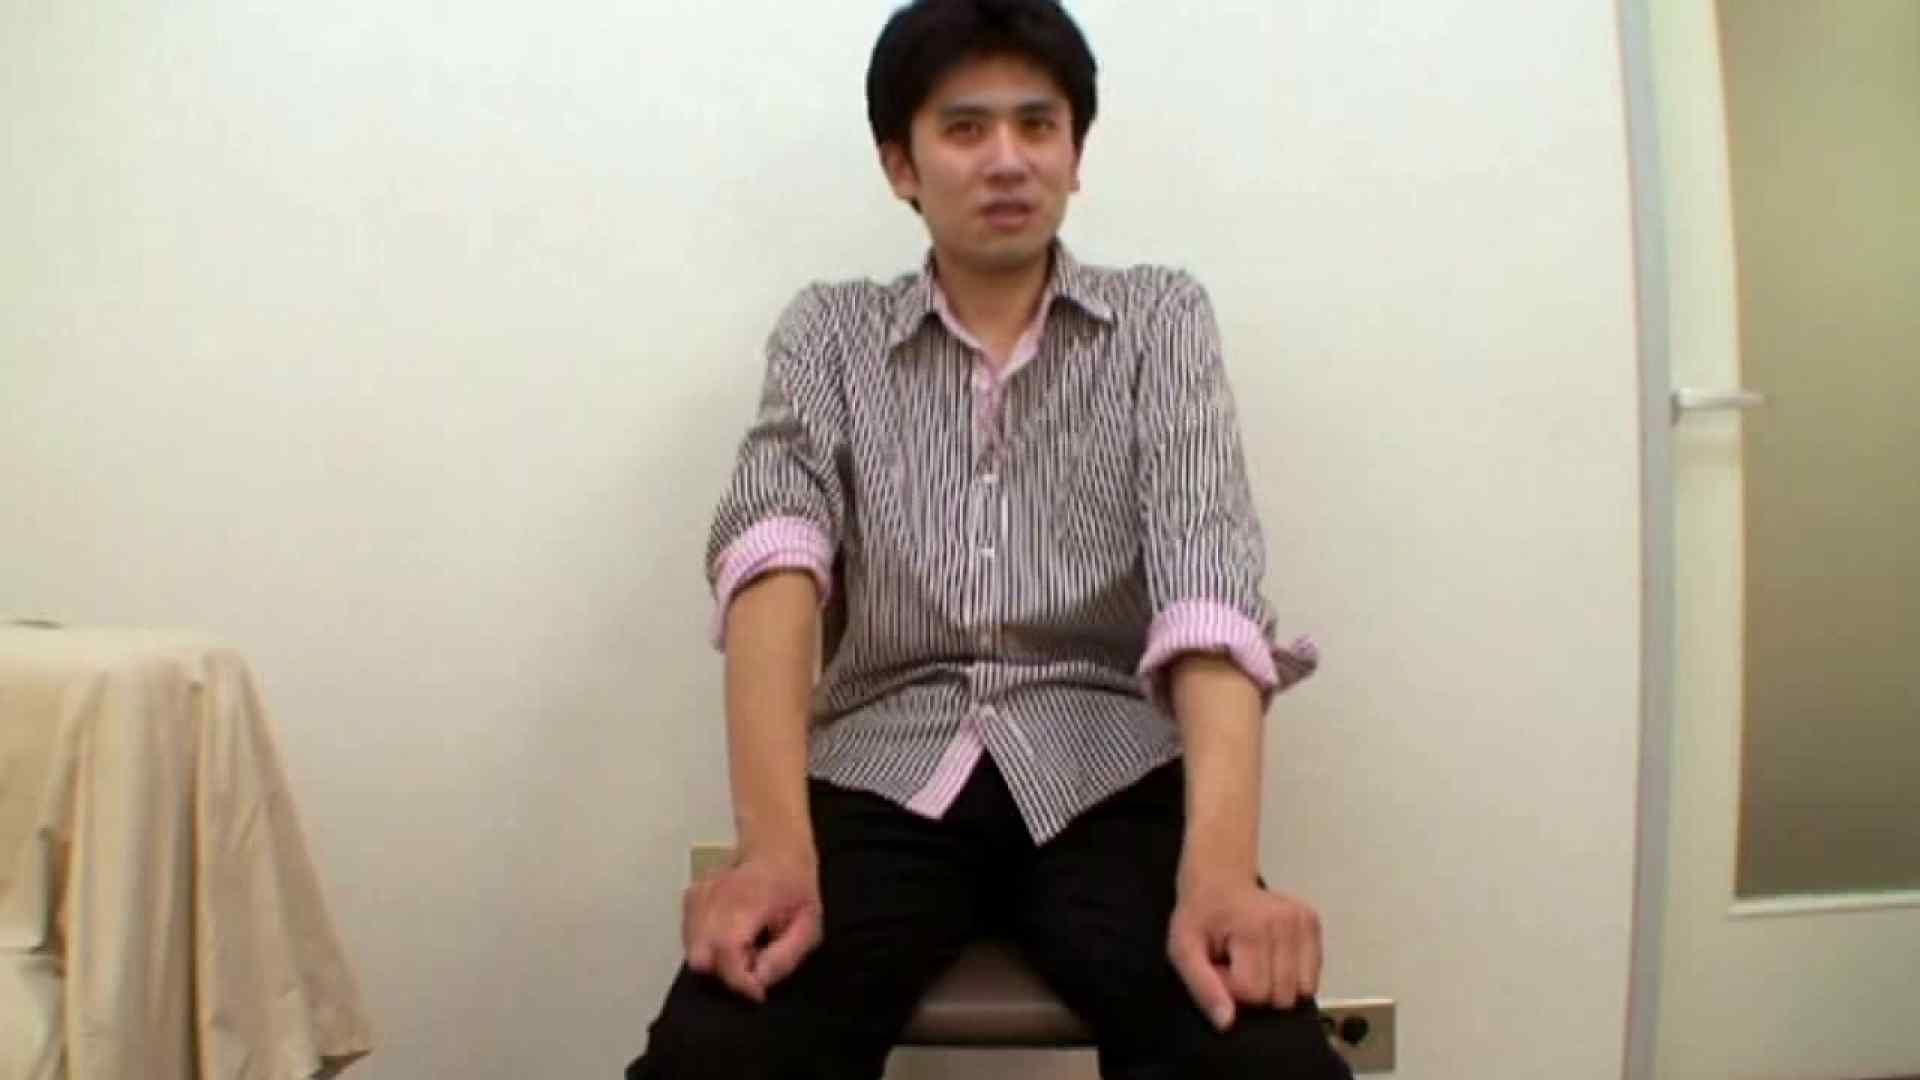 イケメンにタンクトップにオナニー 手コキ AV動画 61枚 27